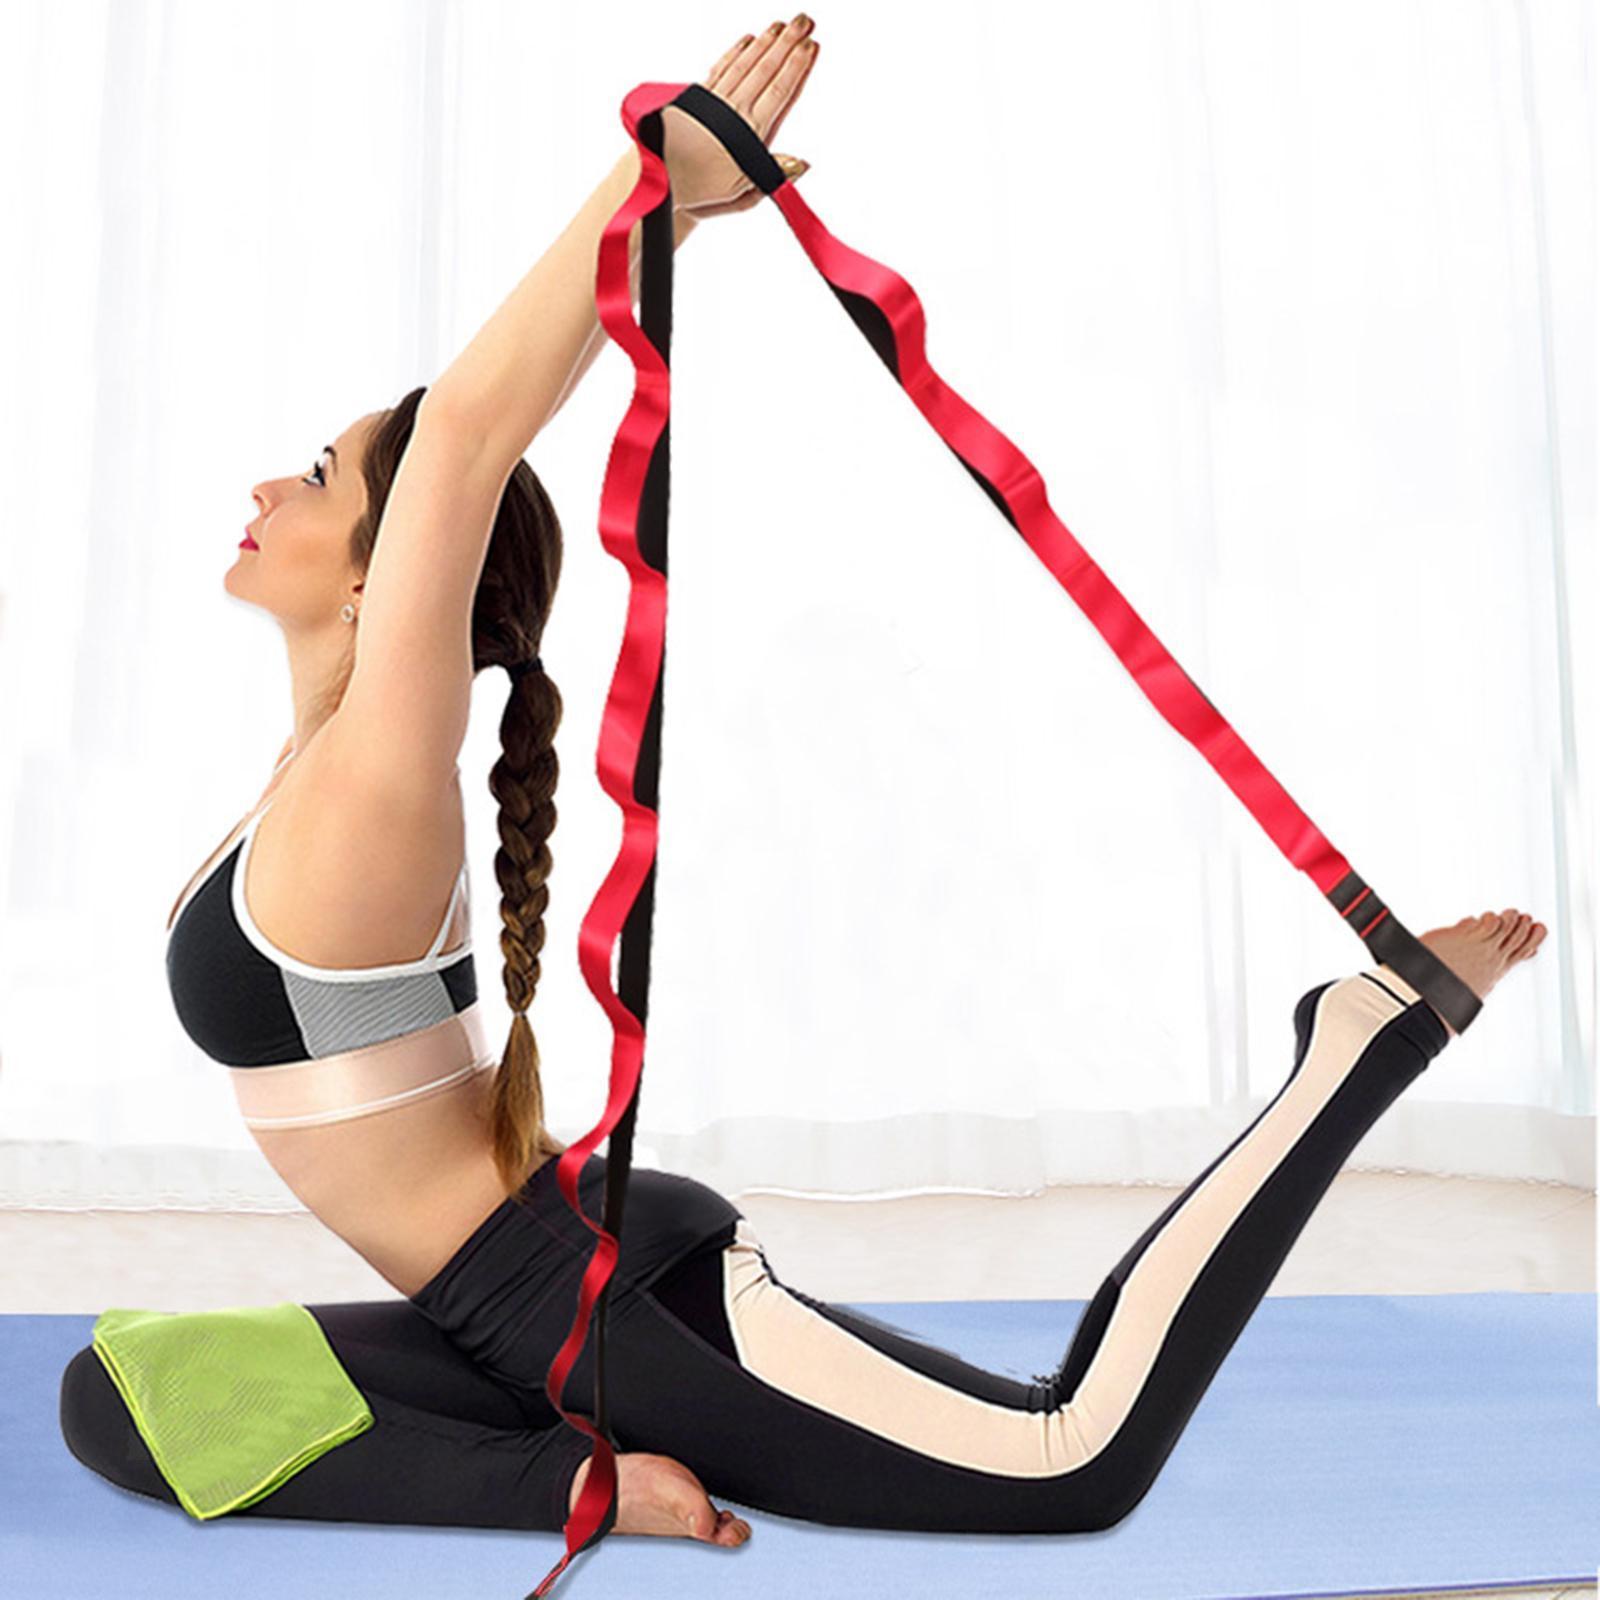 miniatura 49 - Pierna camilla yoga Stretch Strap Latin Dance Gymnastic pull cinturón flexibilidad